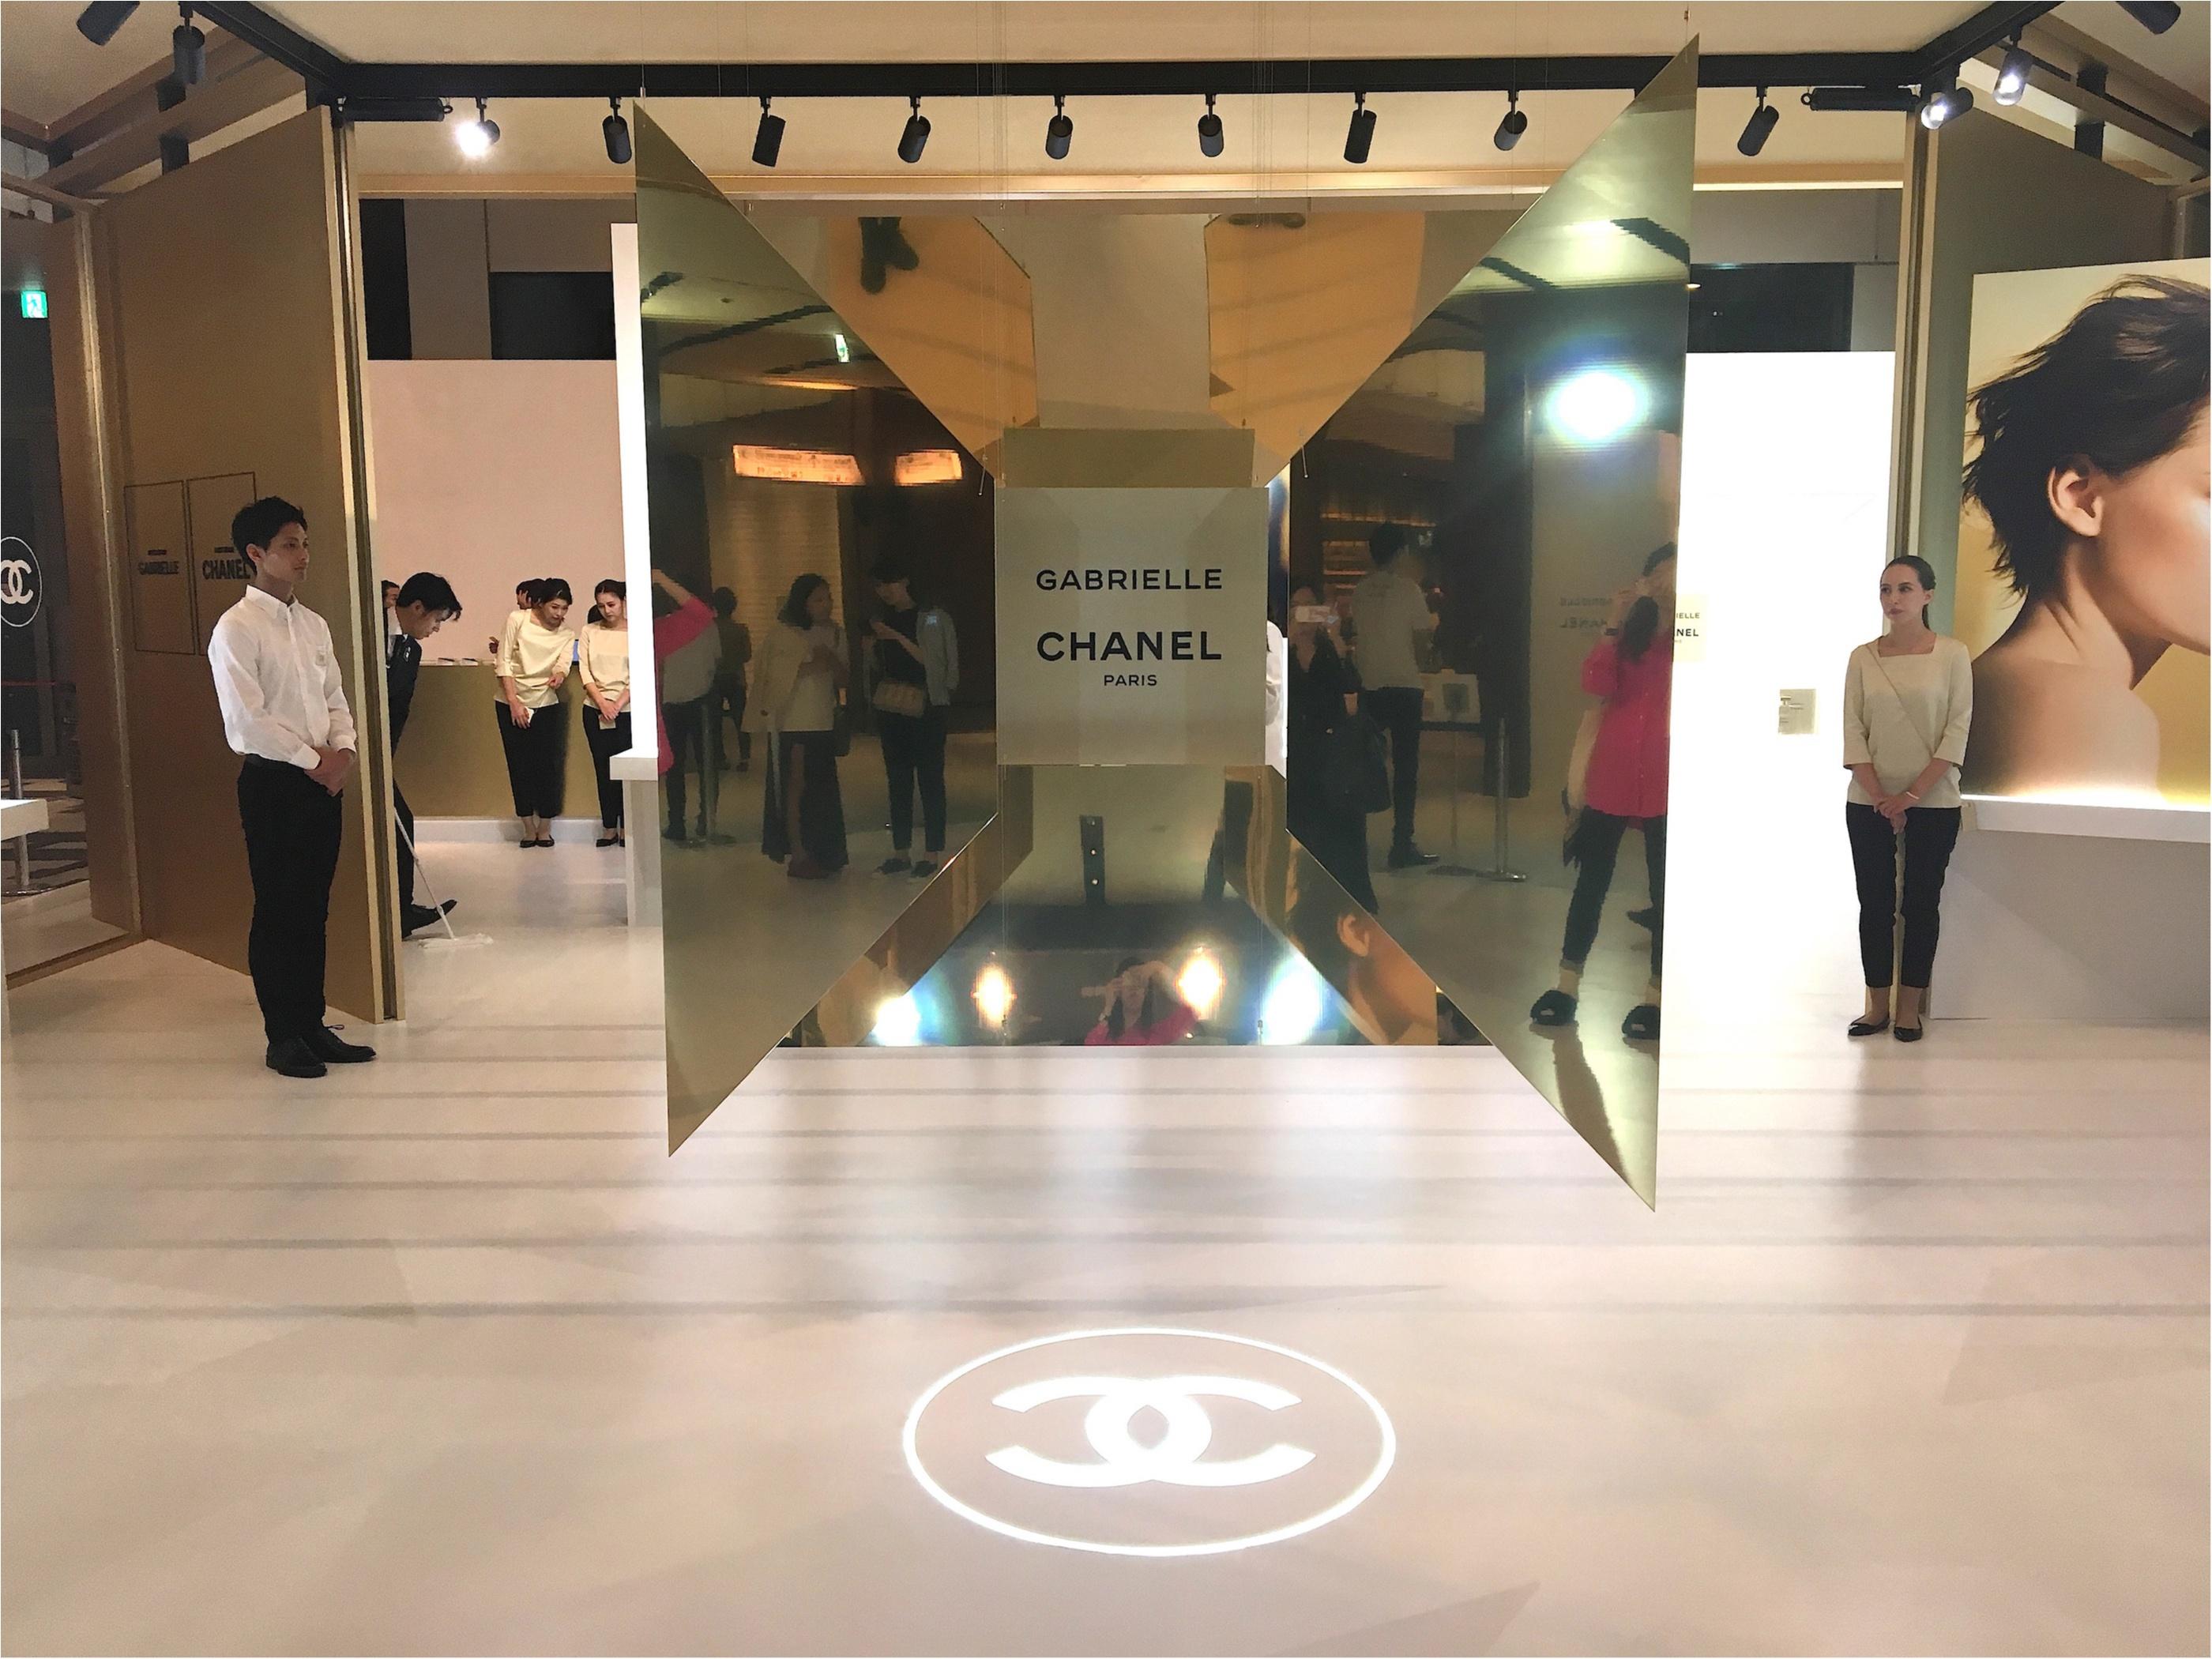 「ガブリエル シャネル」の香りを体感できるイベントスペースが、東京ミッドタウンに登場! SNS映え間違いなしの、美しすぎる空間をご覧あれ♡_1_1